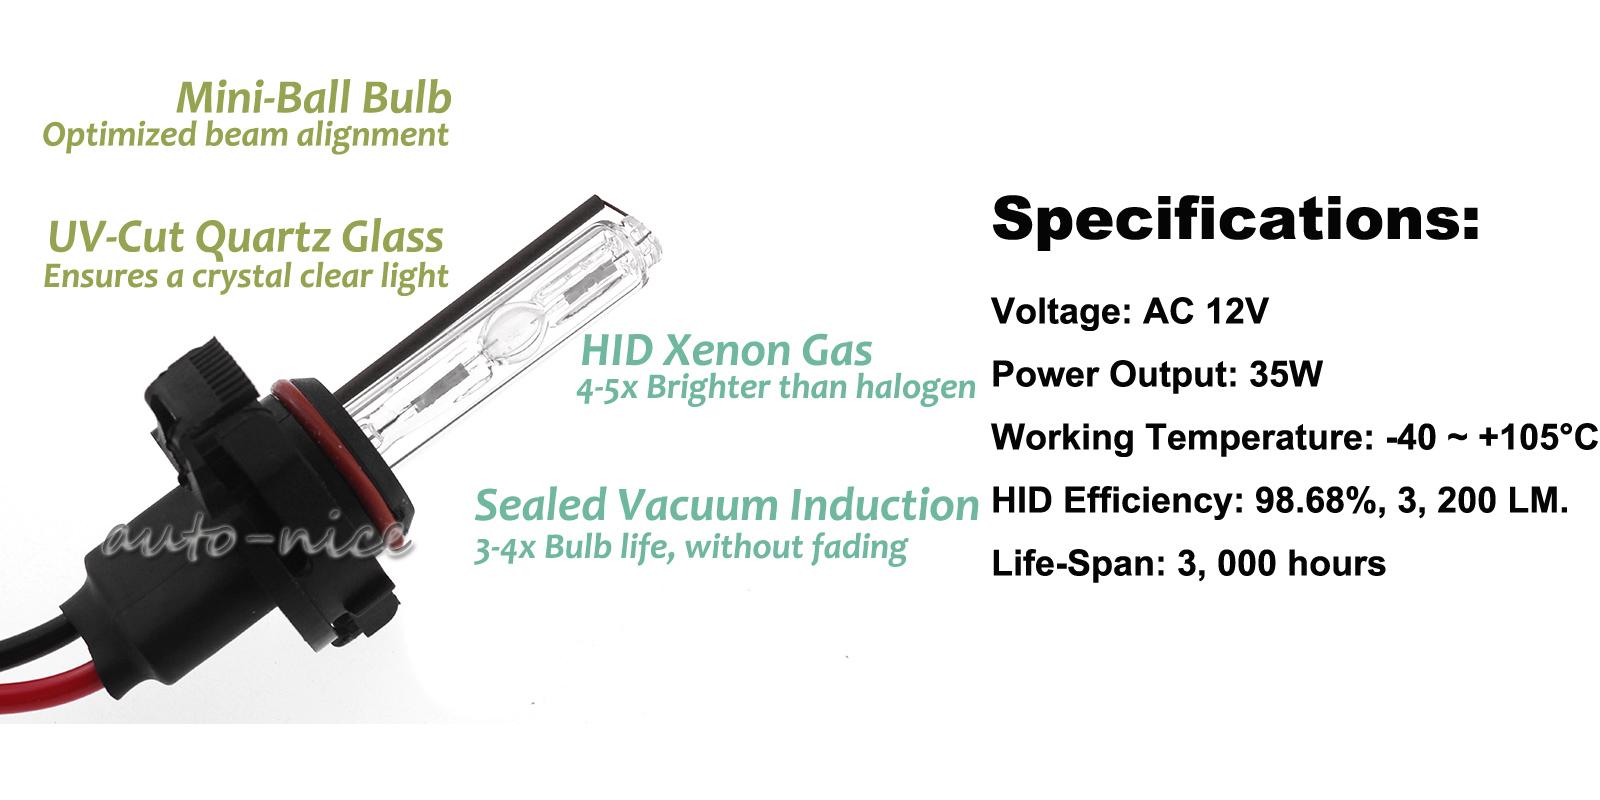 Ac 35w Xenon Hid Daul Hi Lo Beam Bi Headlight Conversion Vvme Kit Wiring Diagram 65a808e2 C15a 4619 8eb4 Cb678daa045d 1600800